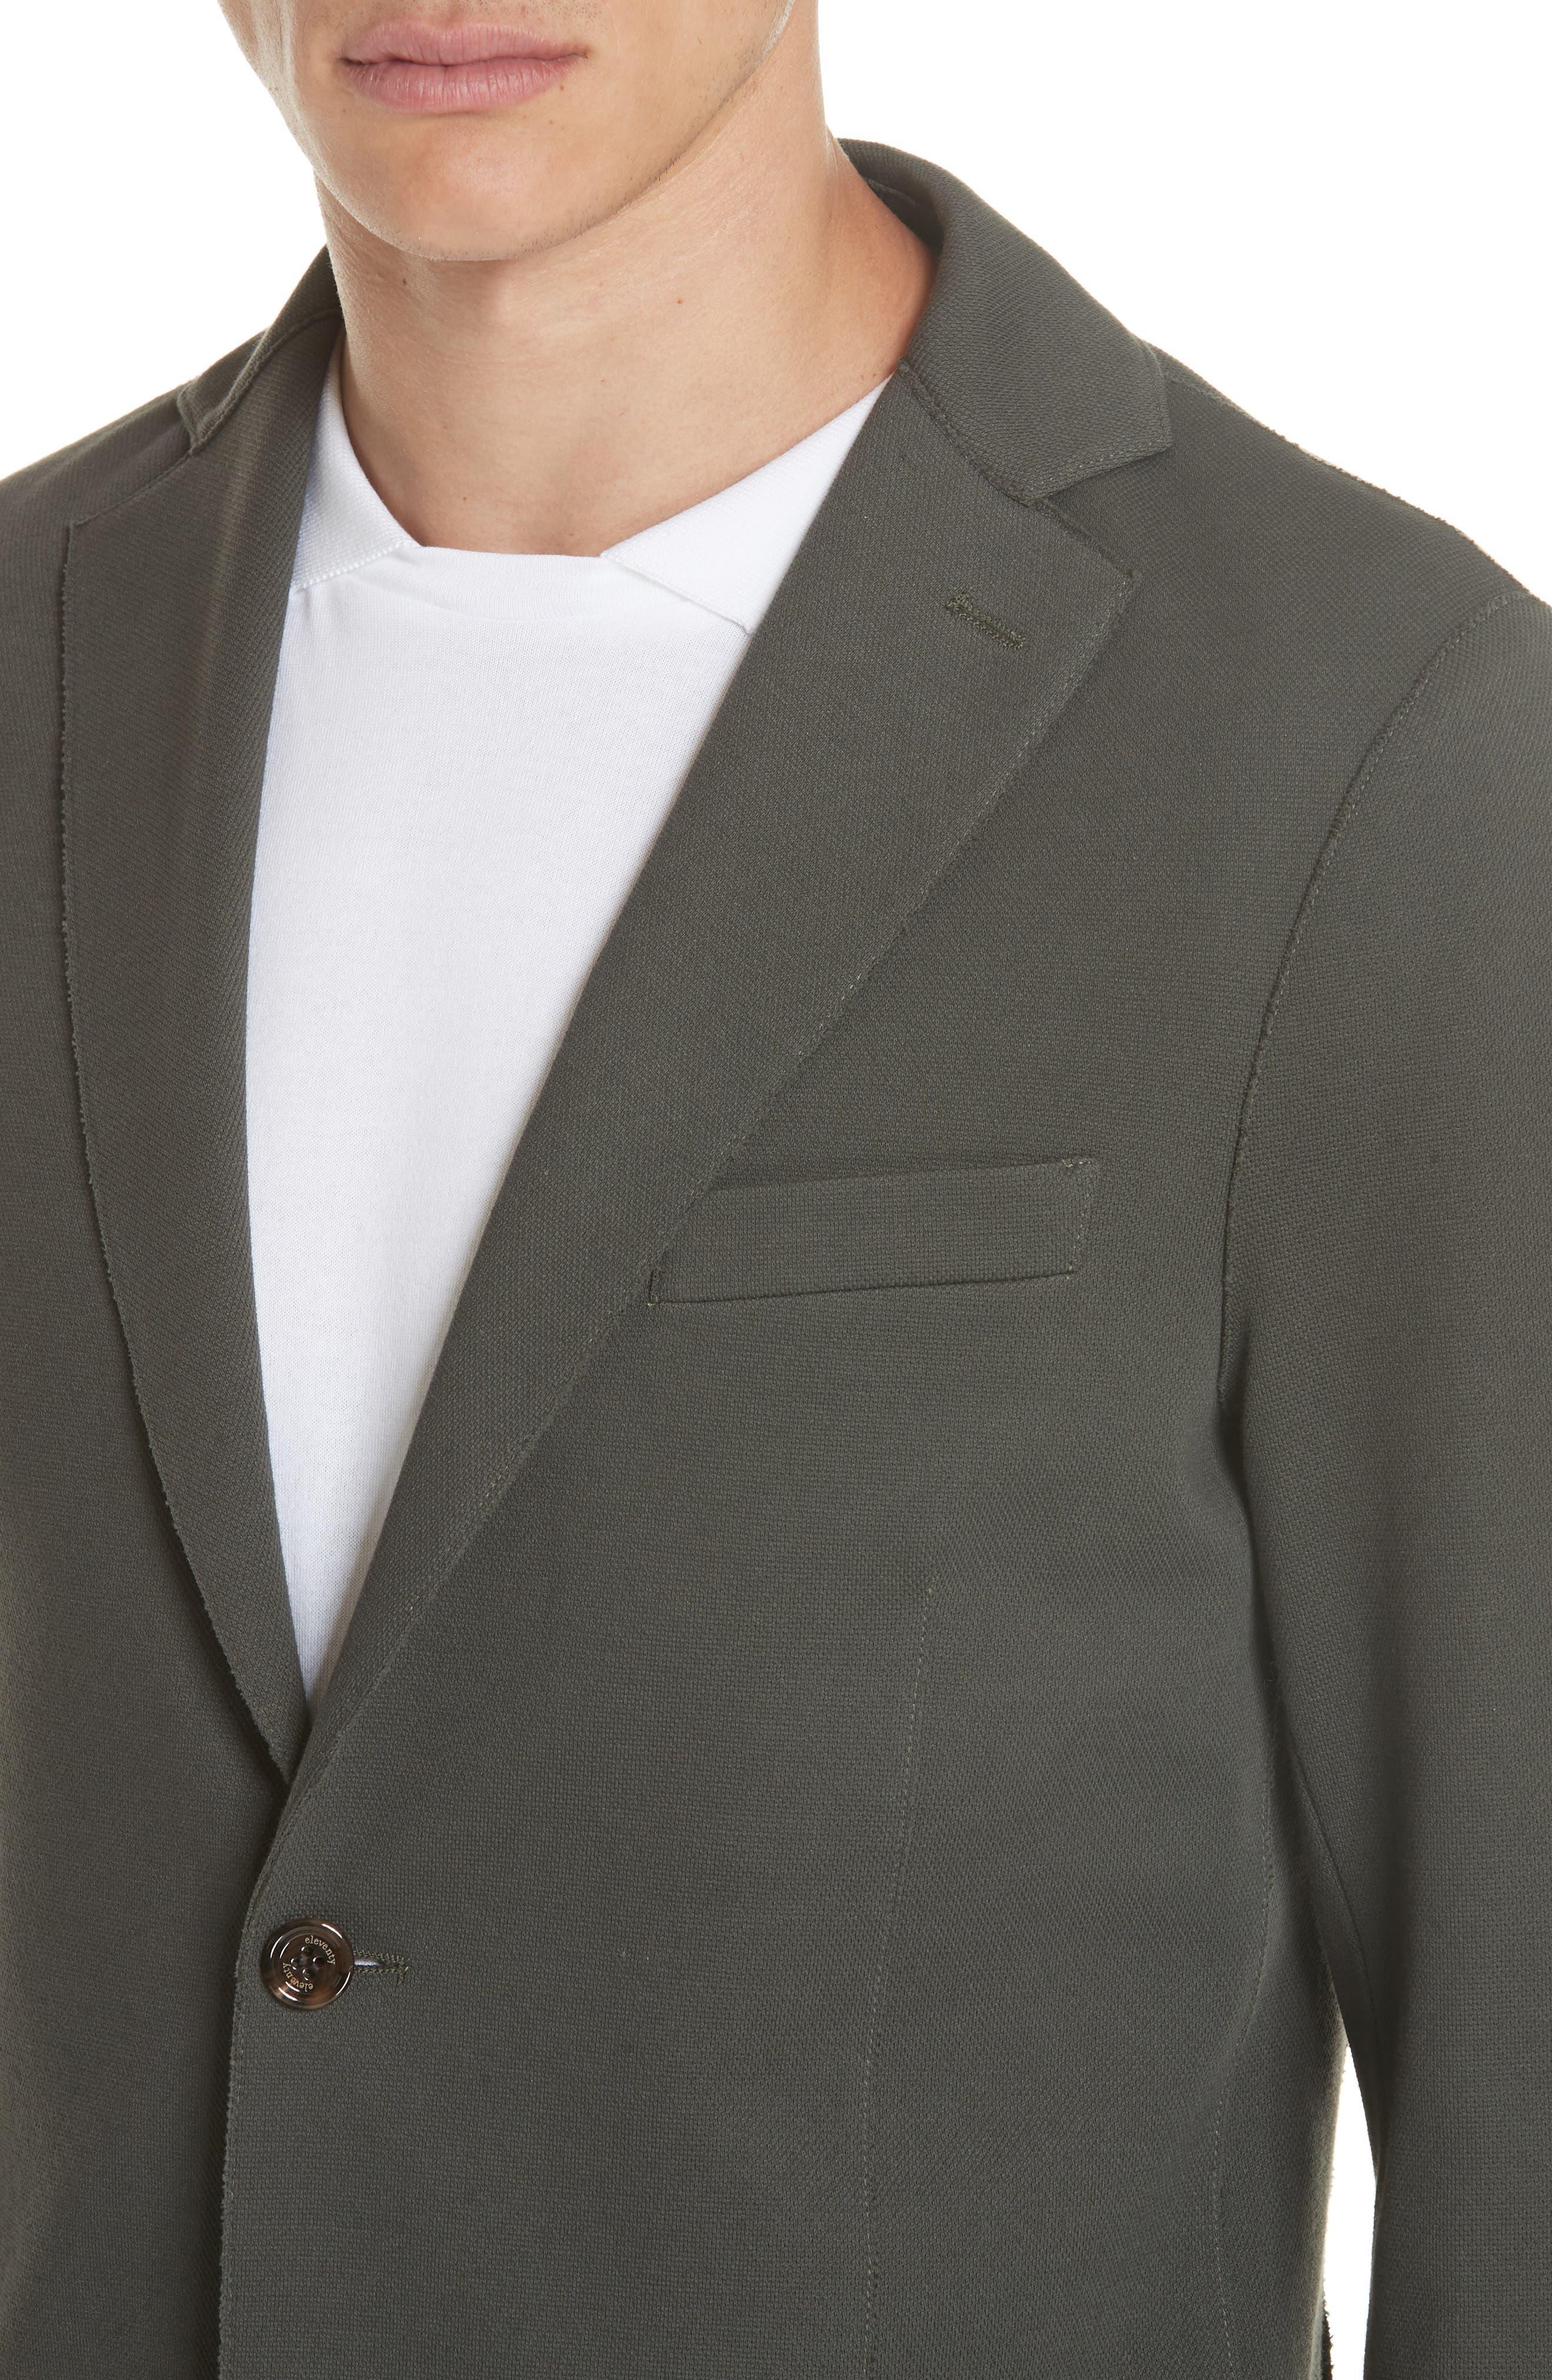 Trim Fit Stretch Cotton Blend Blazer,                             Alternate thumbnail 4, color,